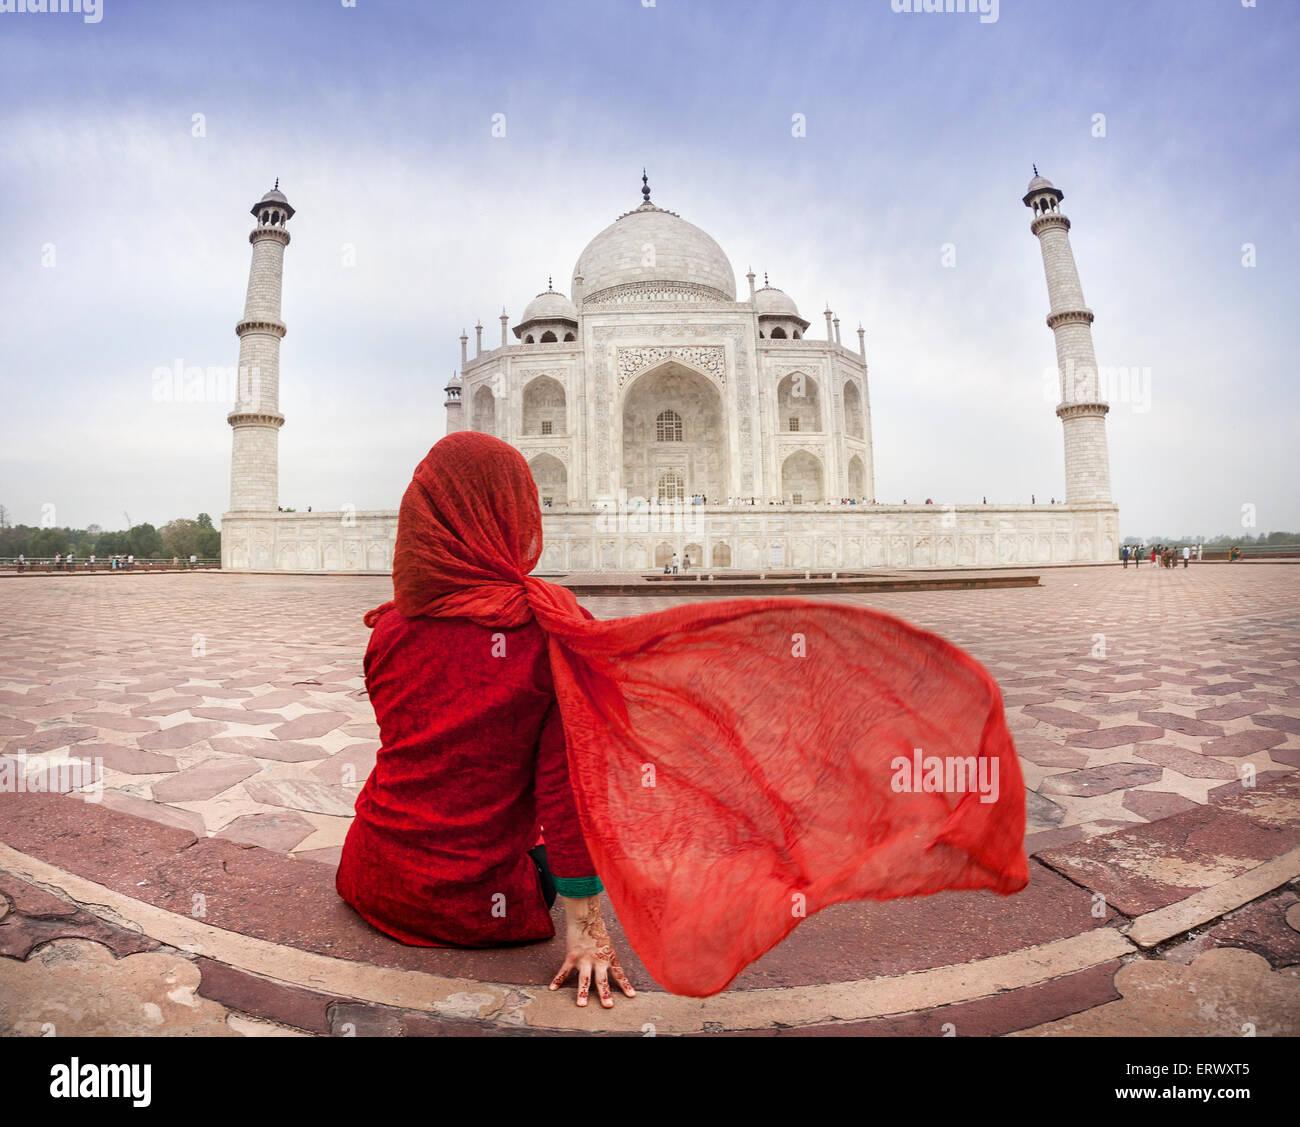 Mujer en traje rojo con bufanda favorecedor sentado cerca de Taj Mahal en Agra, Uttar Pradesh, India Imagen De Stock